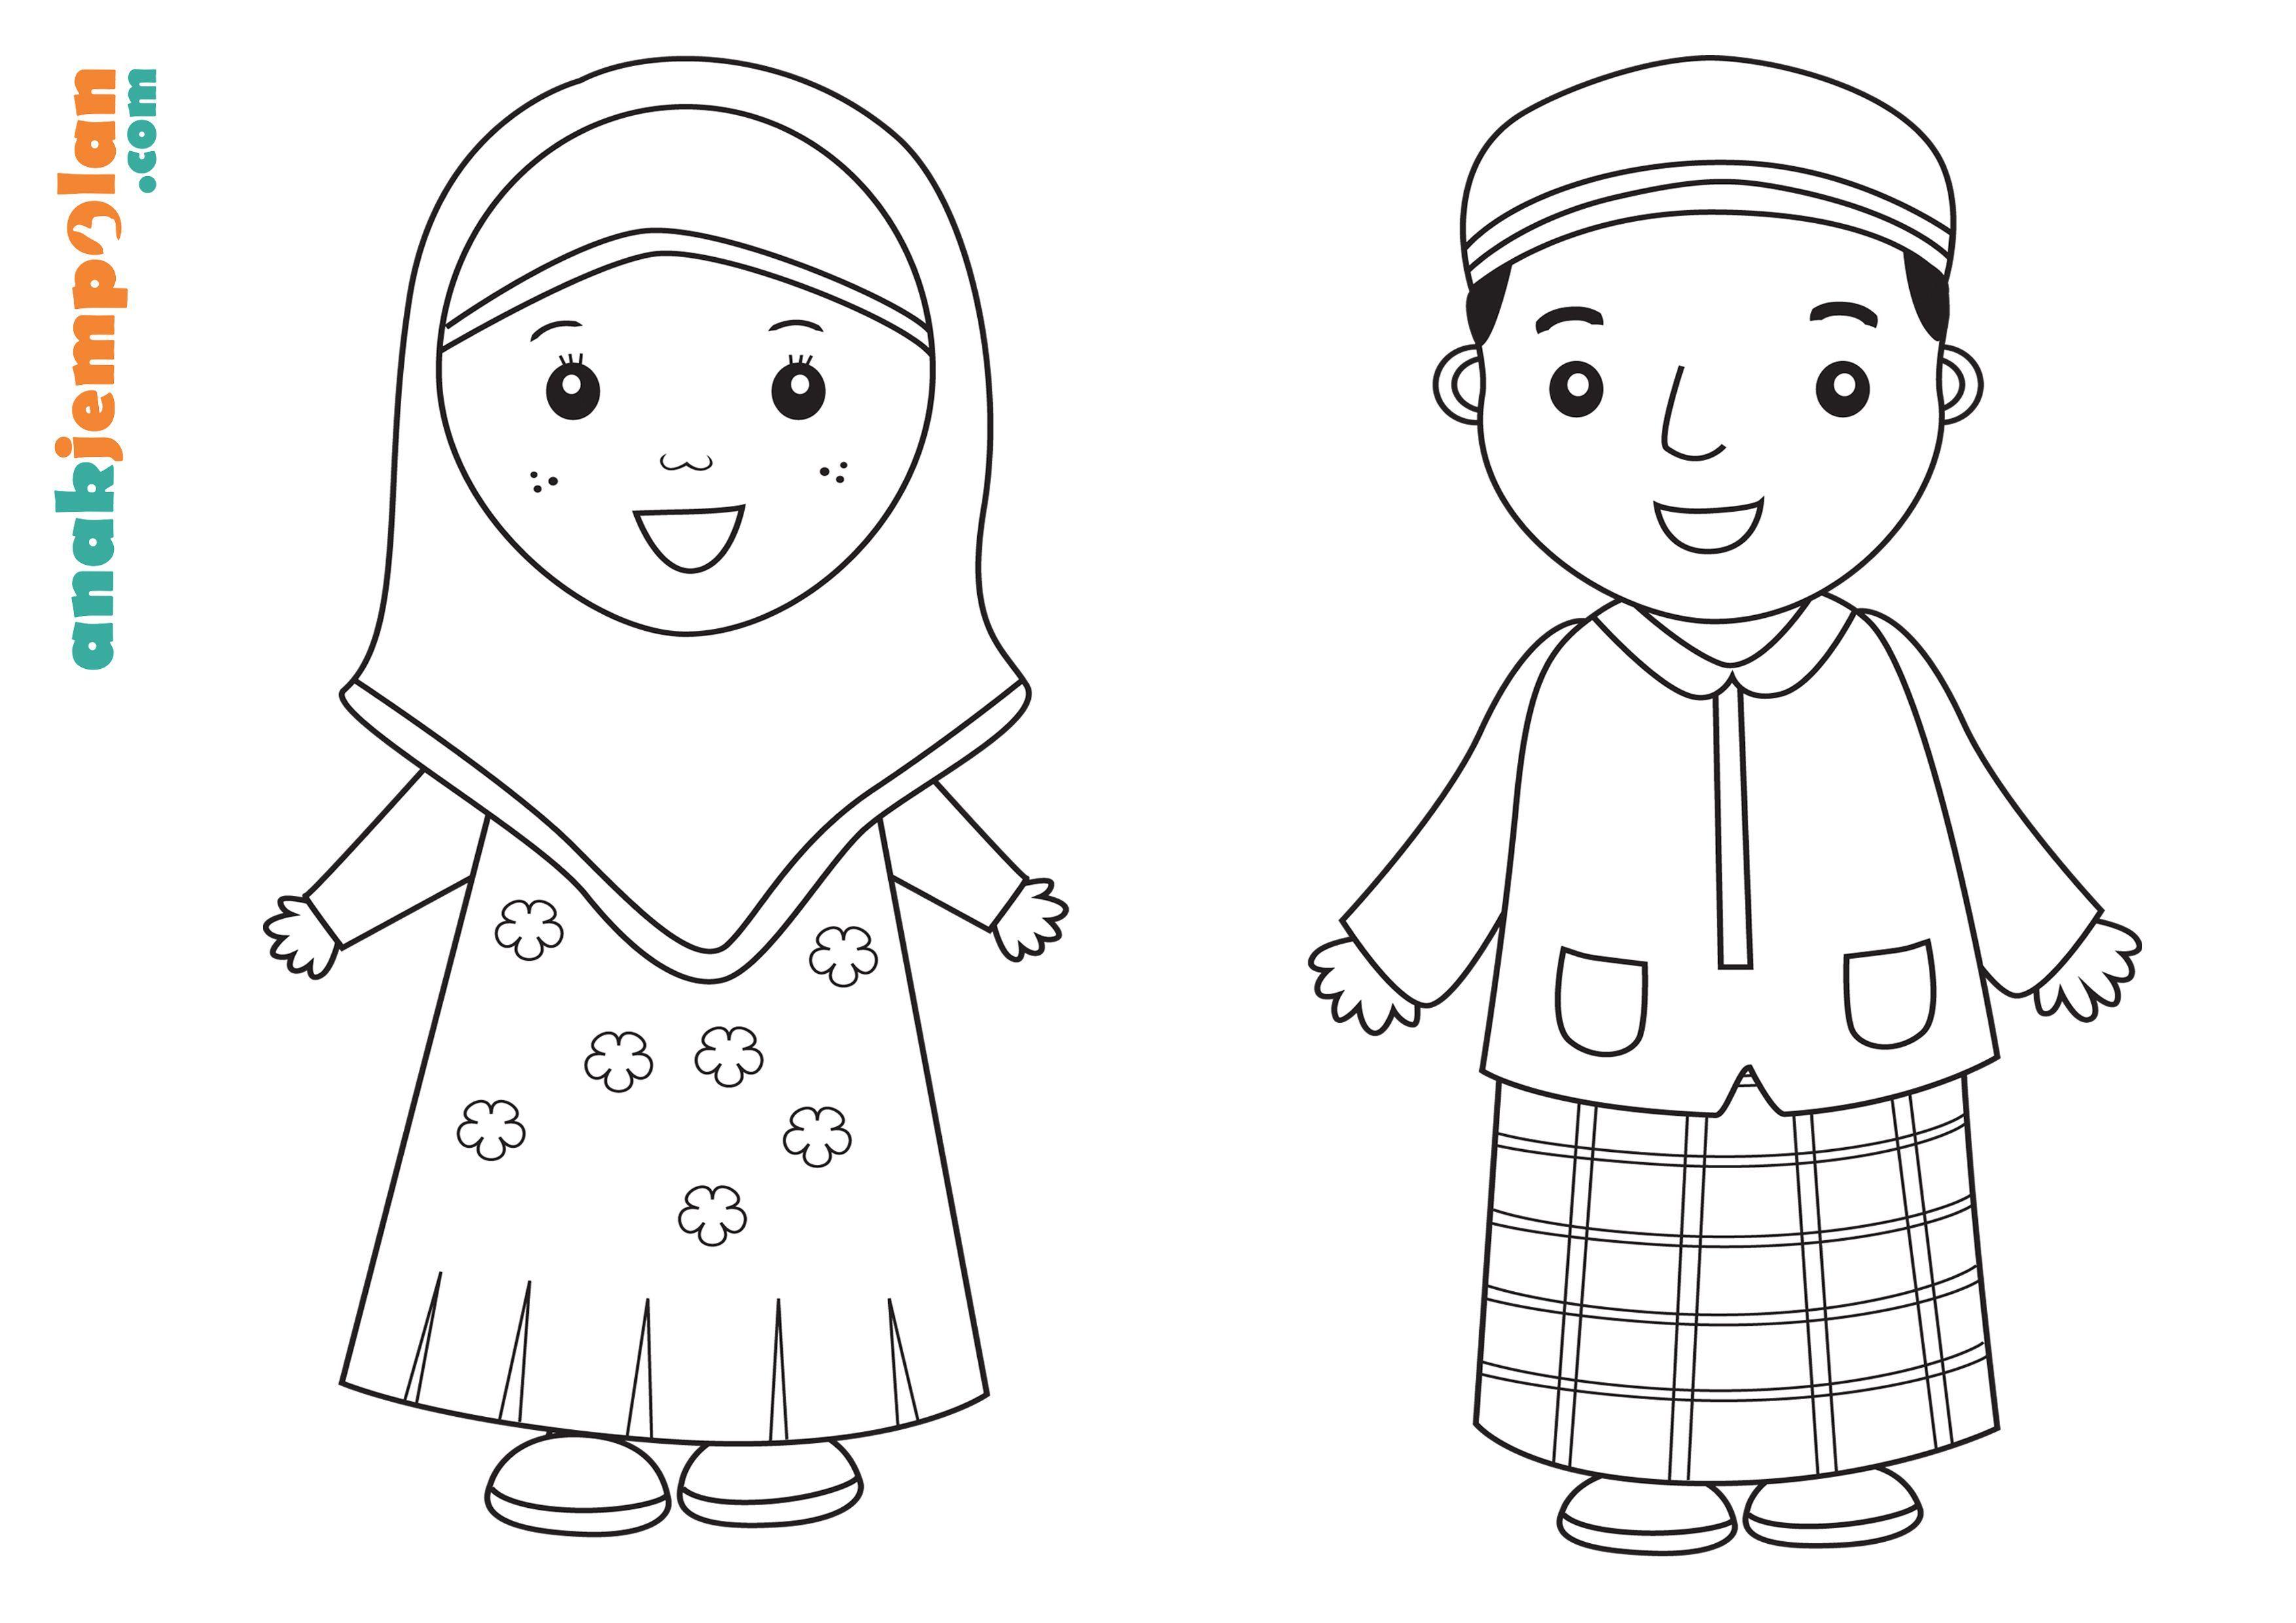 Koleksi Mewarnakan Gambar Muslim Dan Muslimah Azhan Co Mewarnai